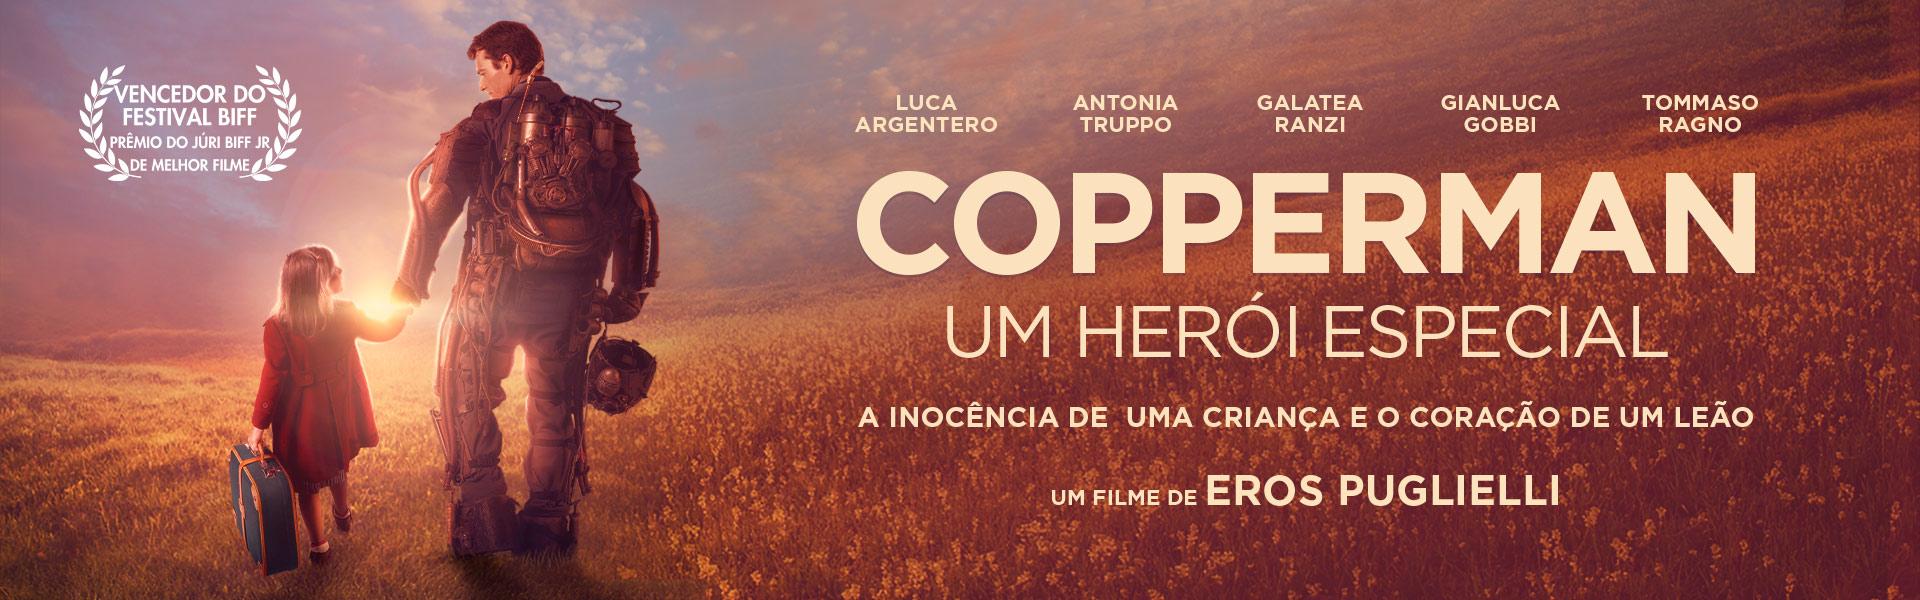 Copperman - Um Herói Especial